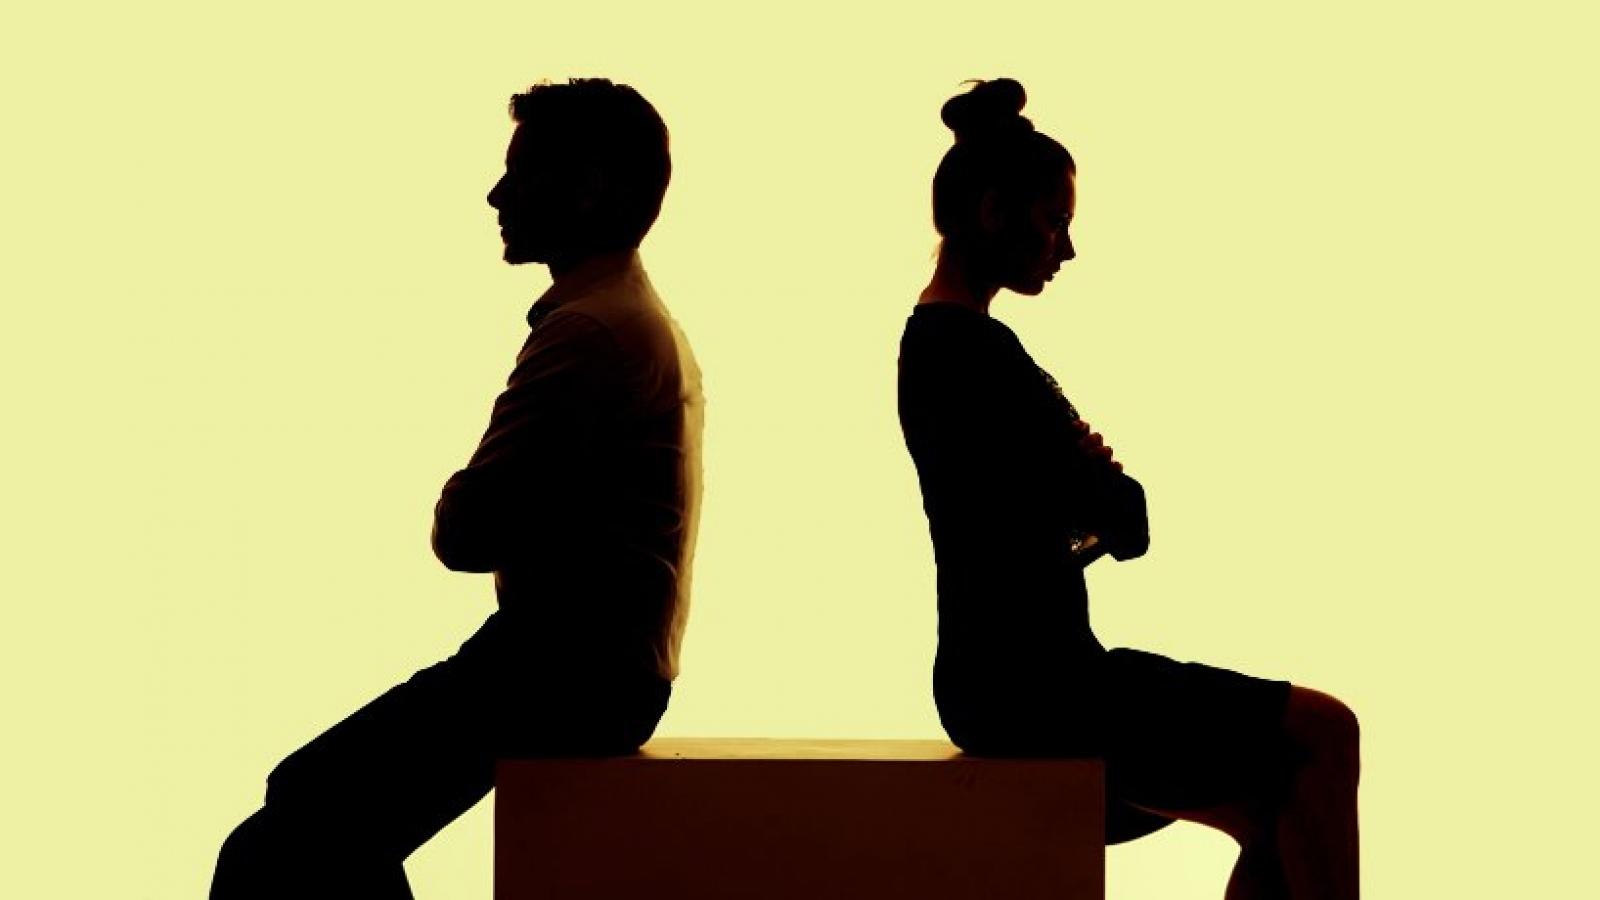 """Những dấu hiệu nhận biết một mối quan hệ """"độc hại"""""""